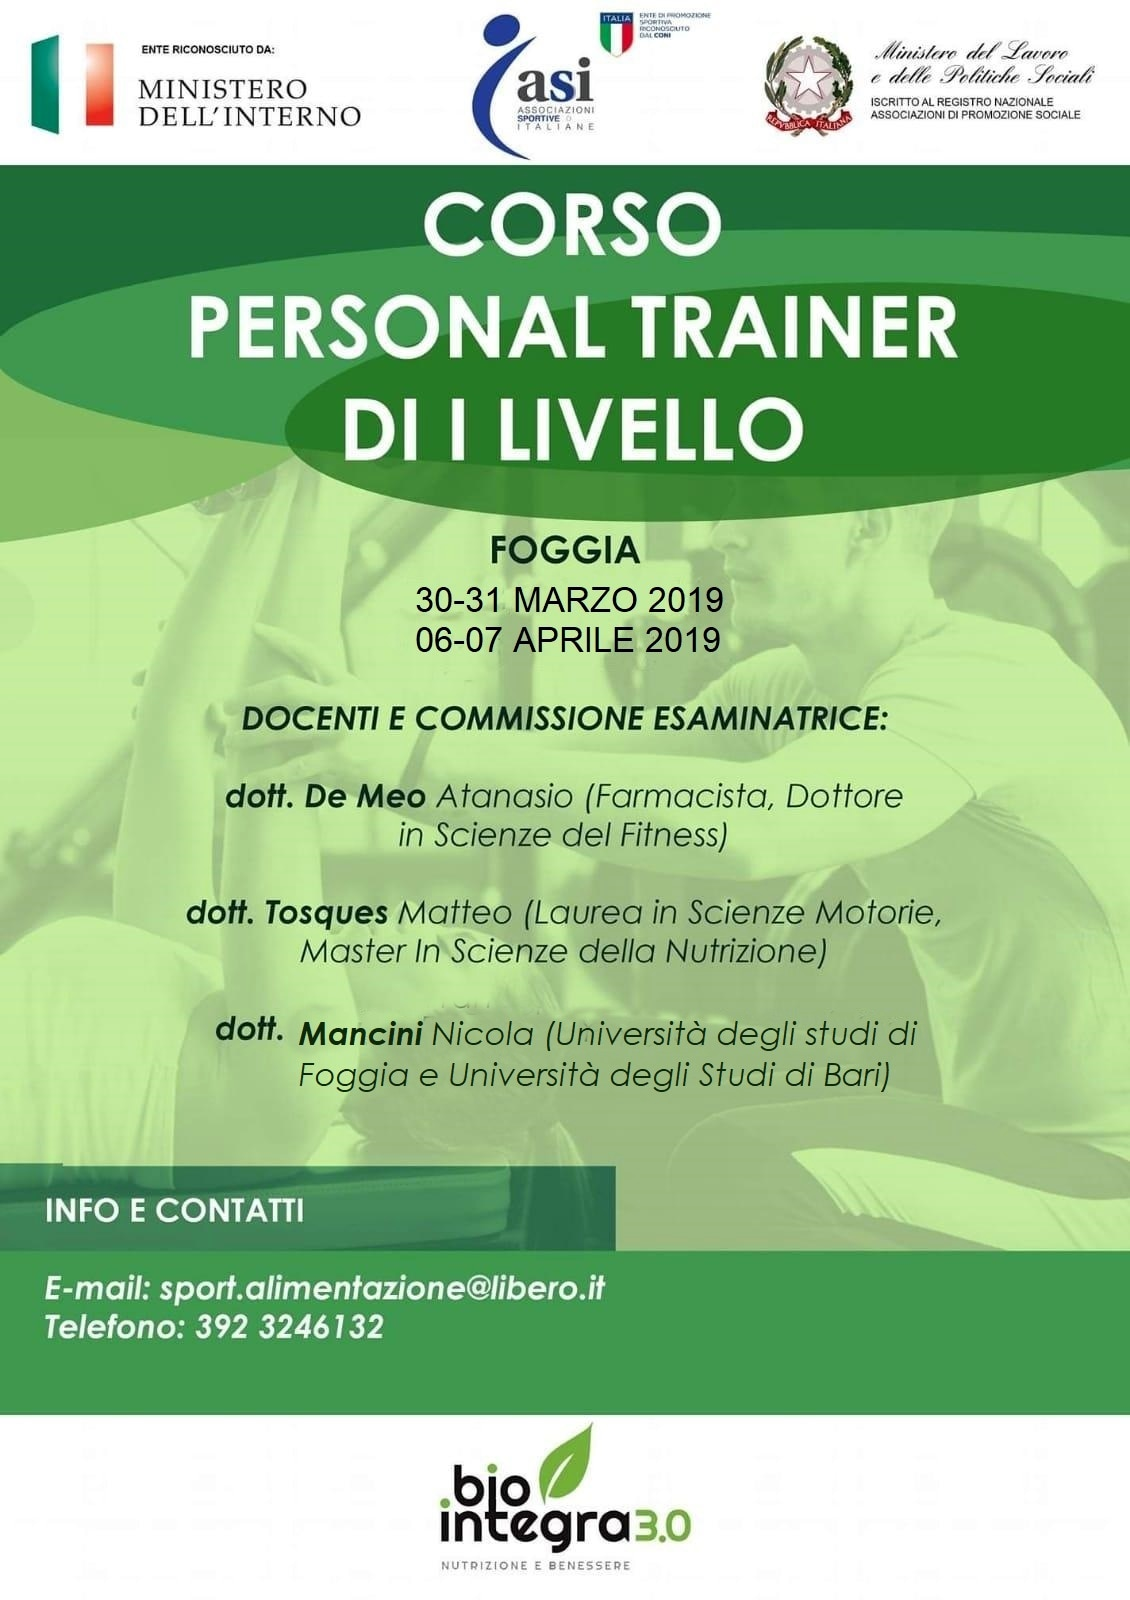 Corso Personal Trainer-2